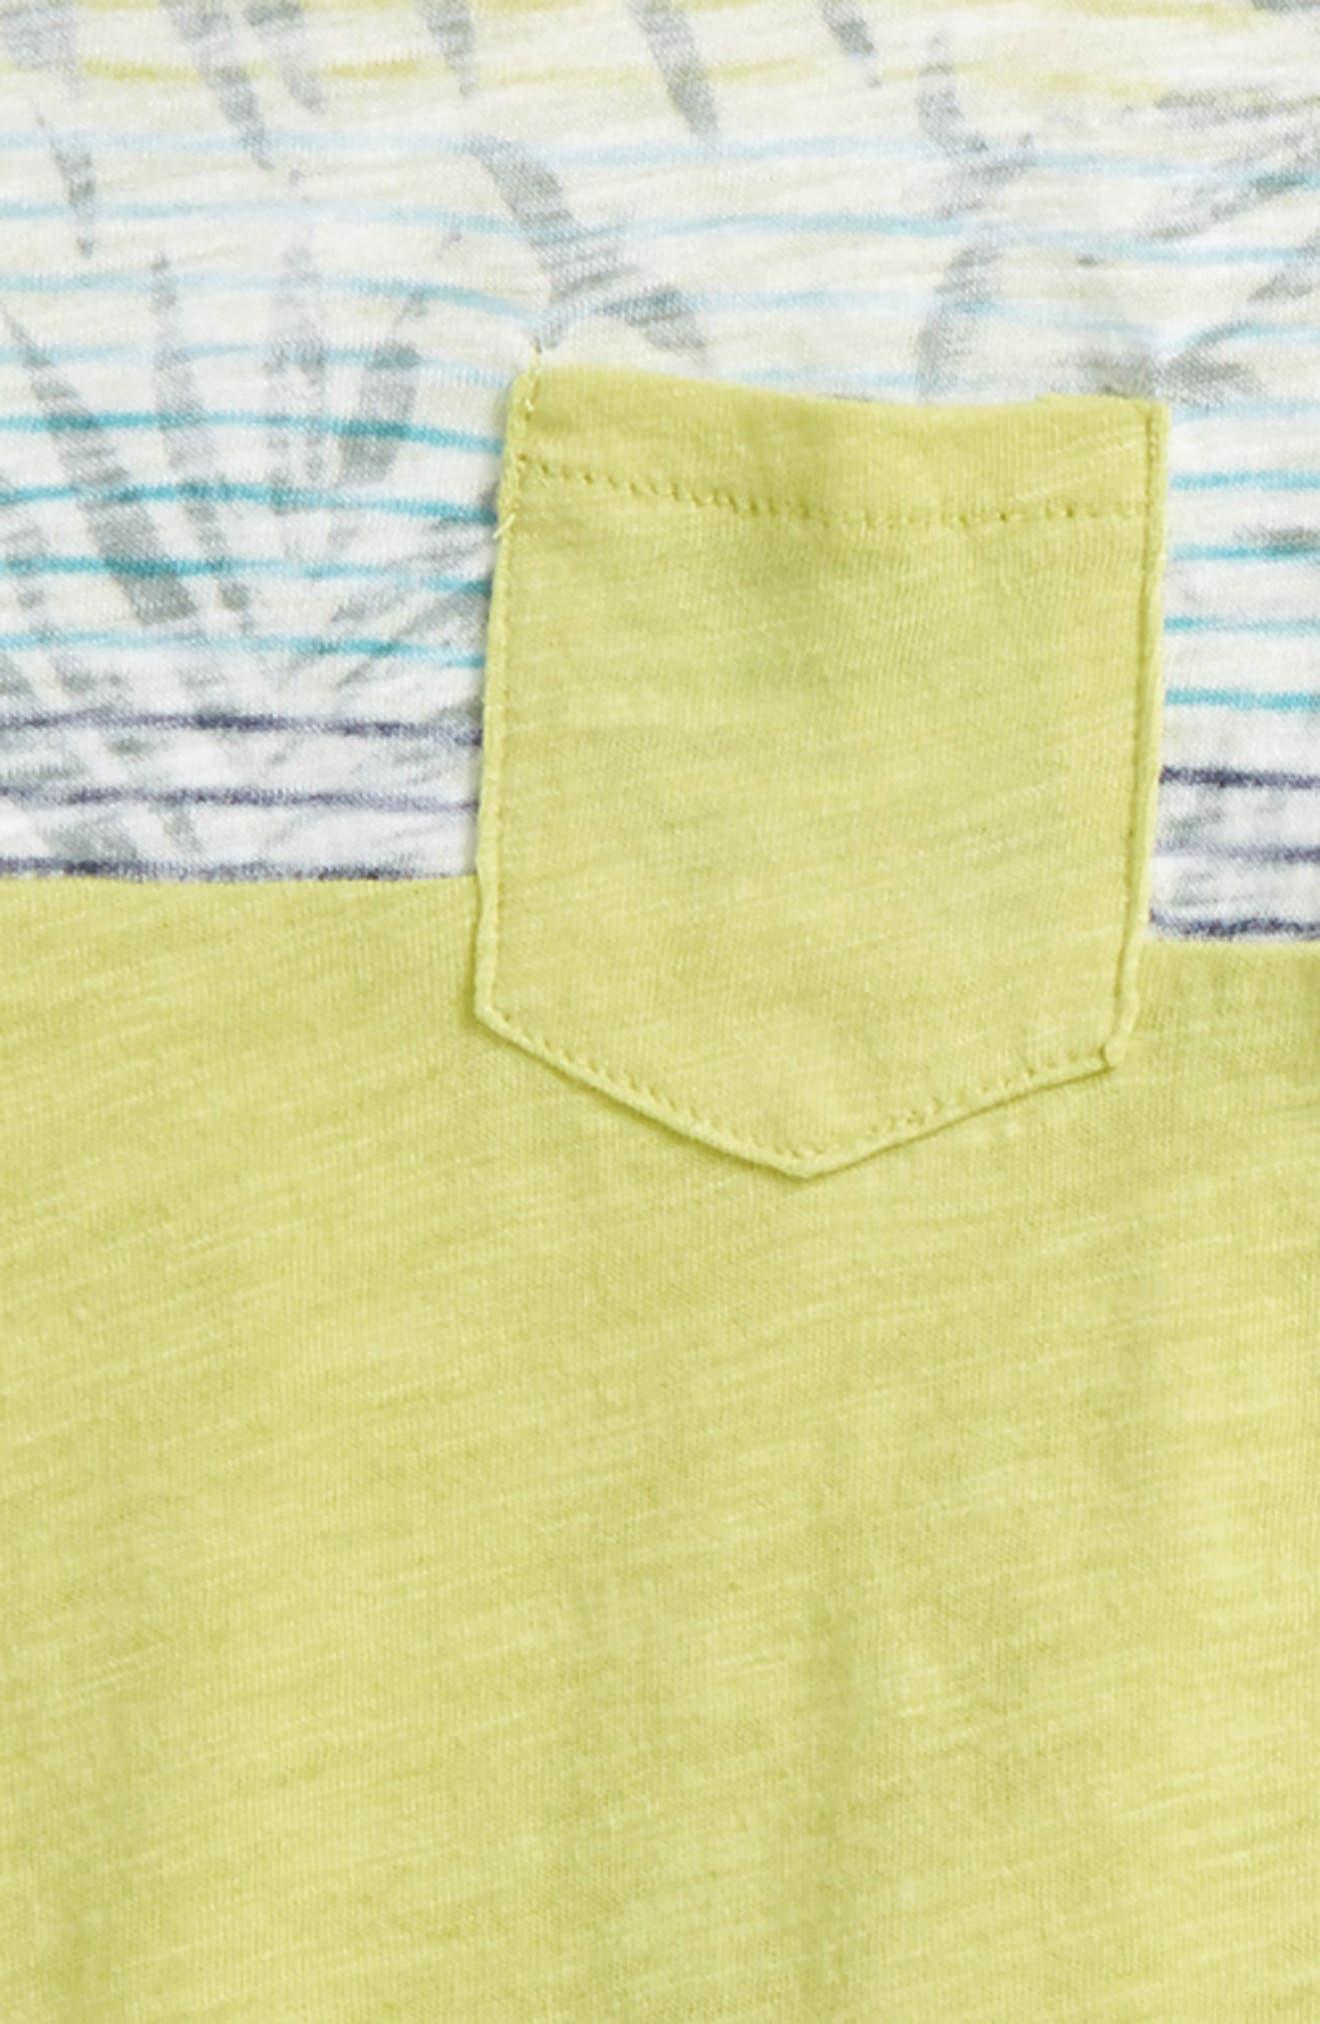 Alternate Image 2  - Splendid Reverse Print T-Shirt & Shorts Set (Toddler Boys & Little Boys)